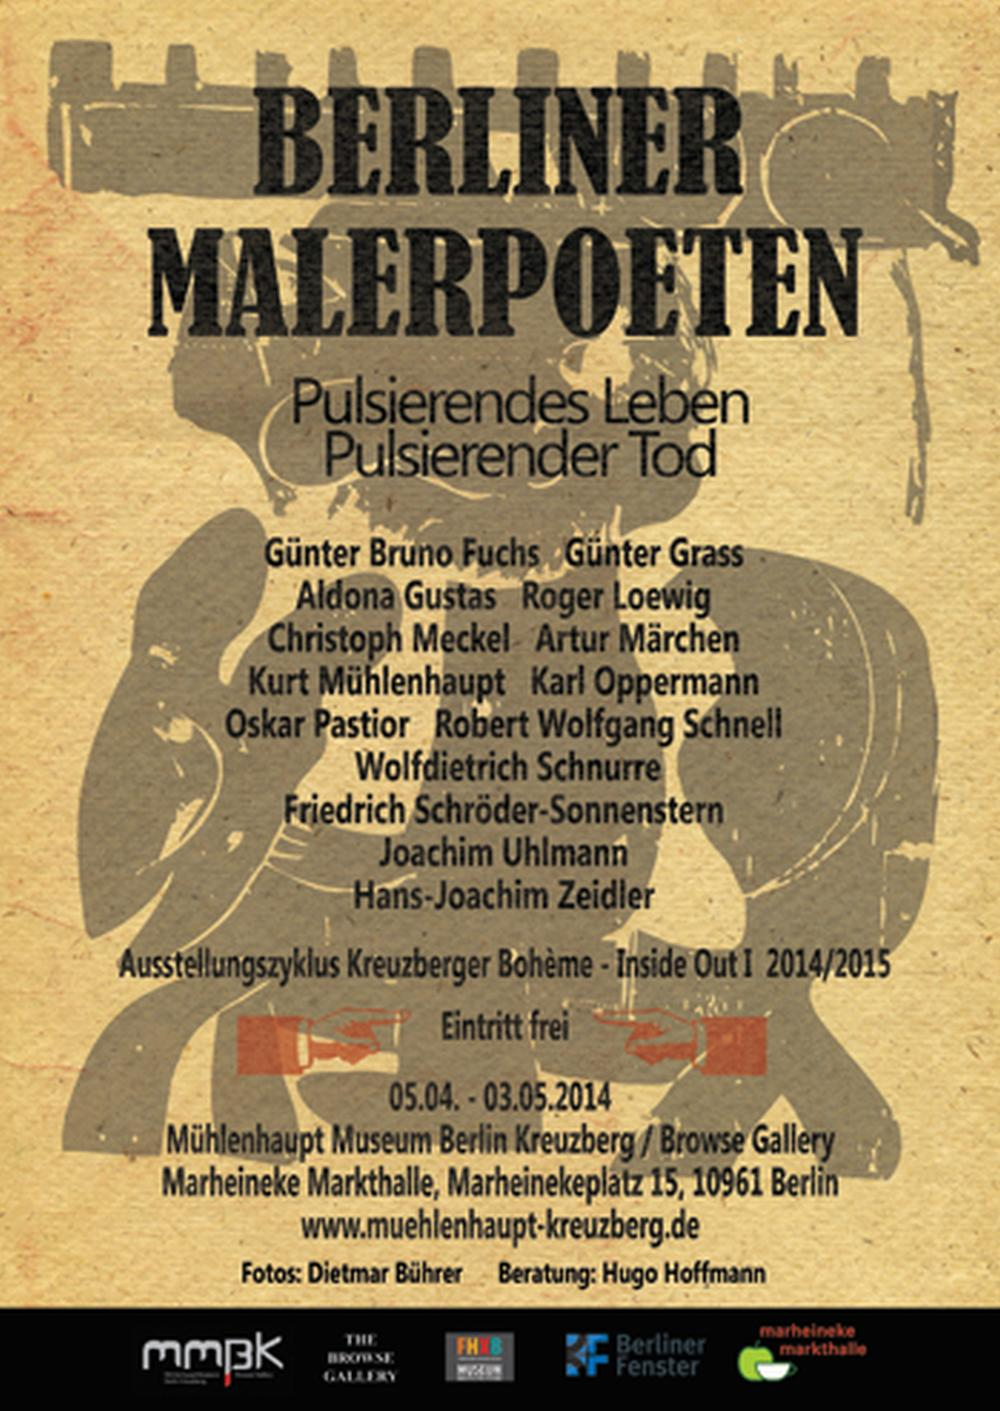 poster malerpoeten_web